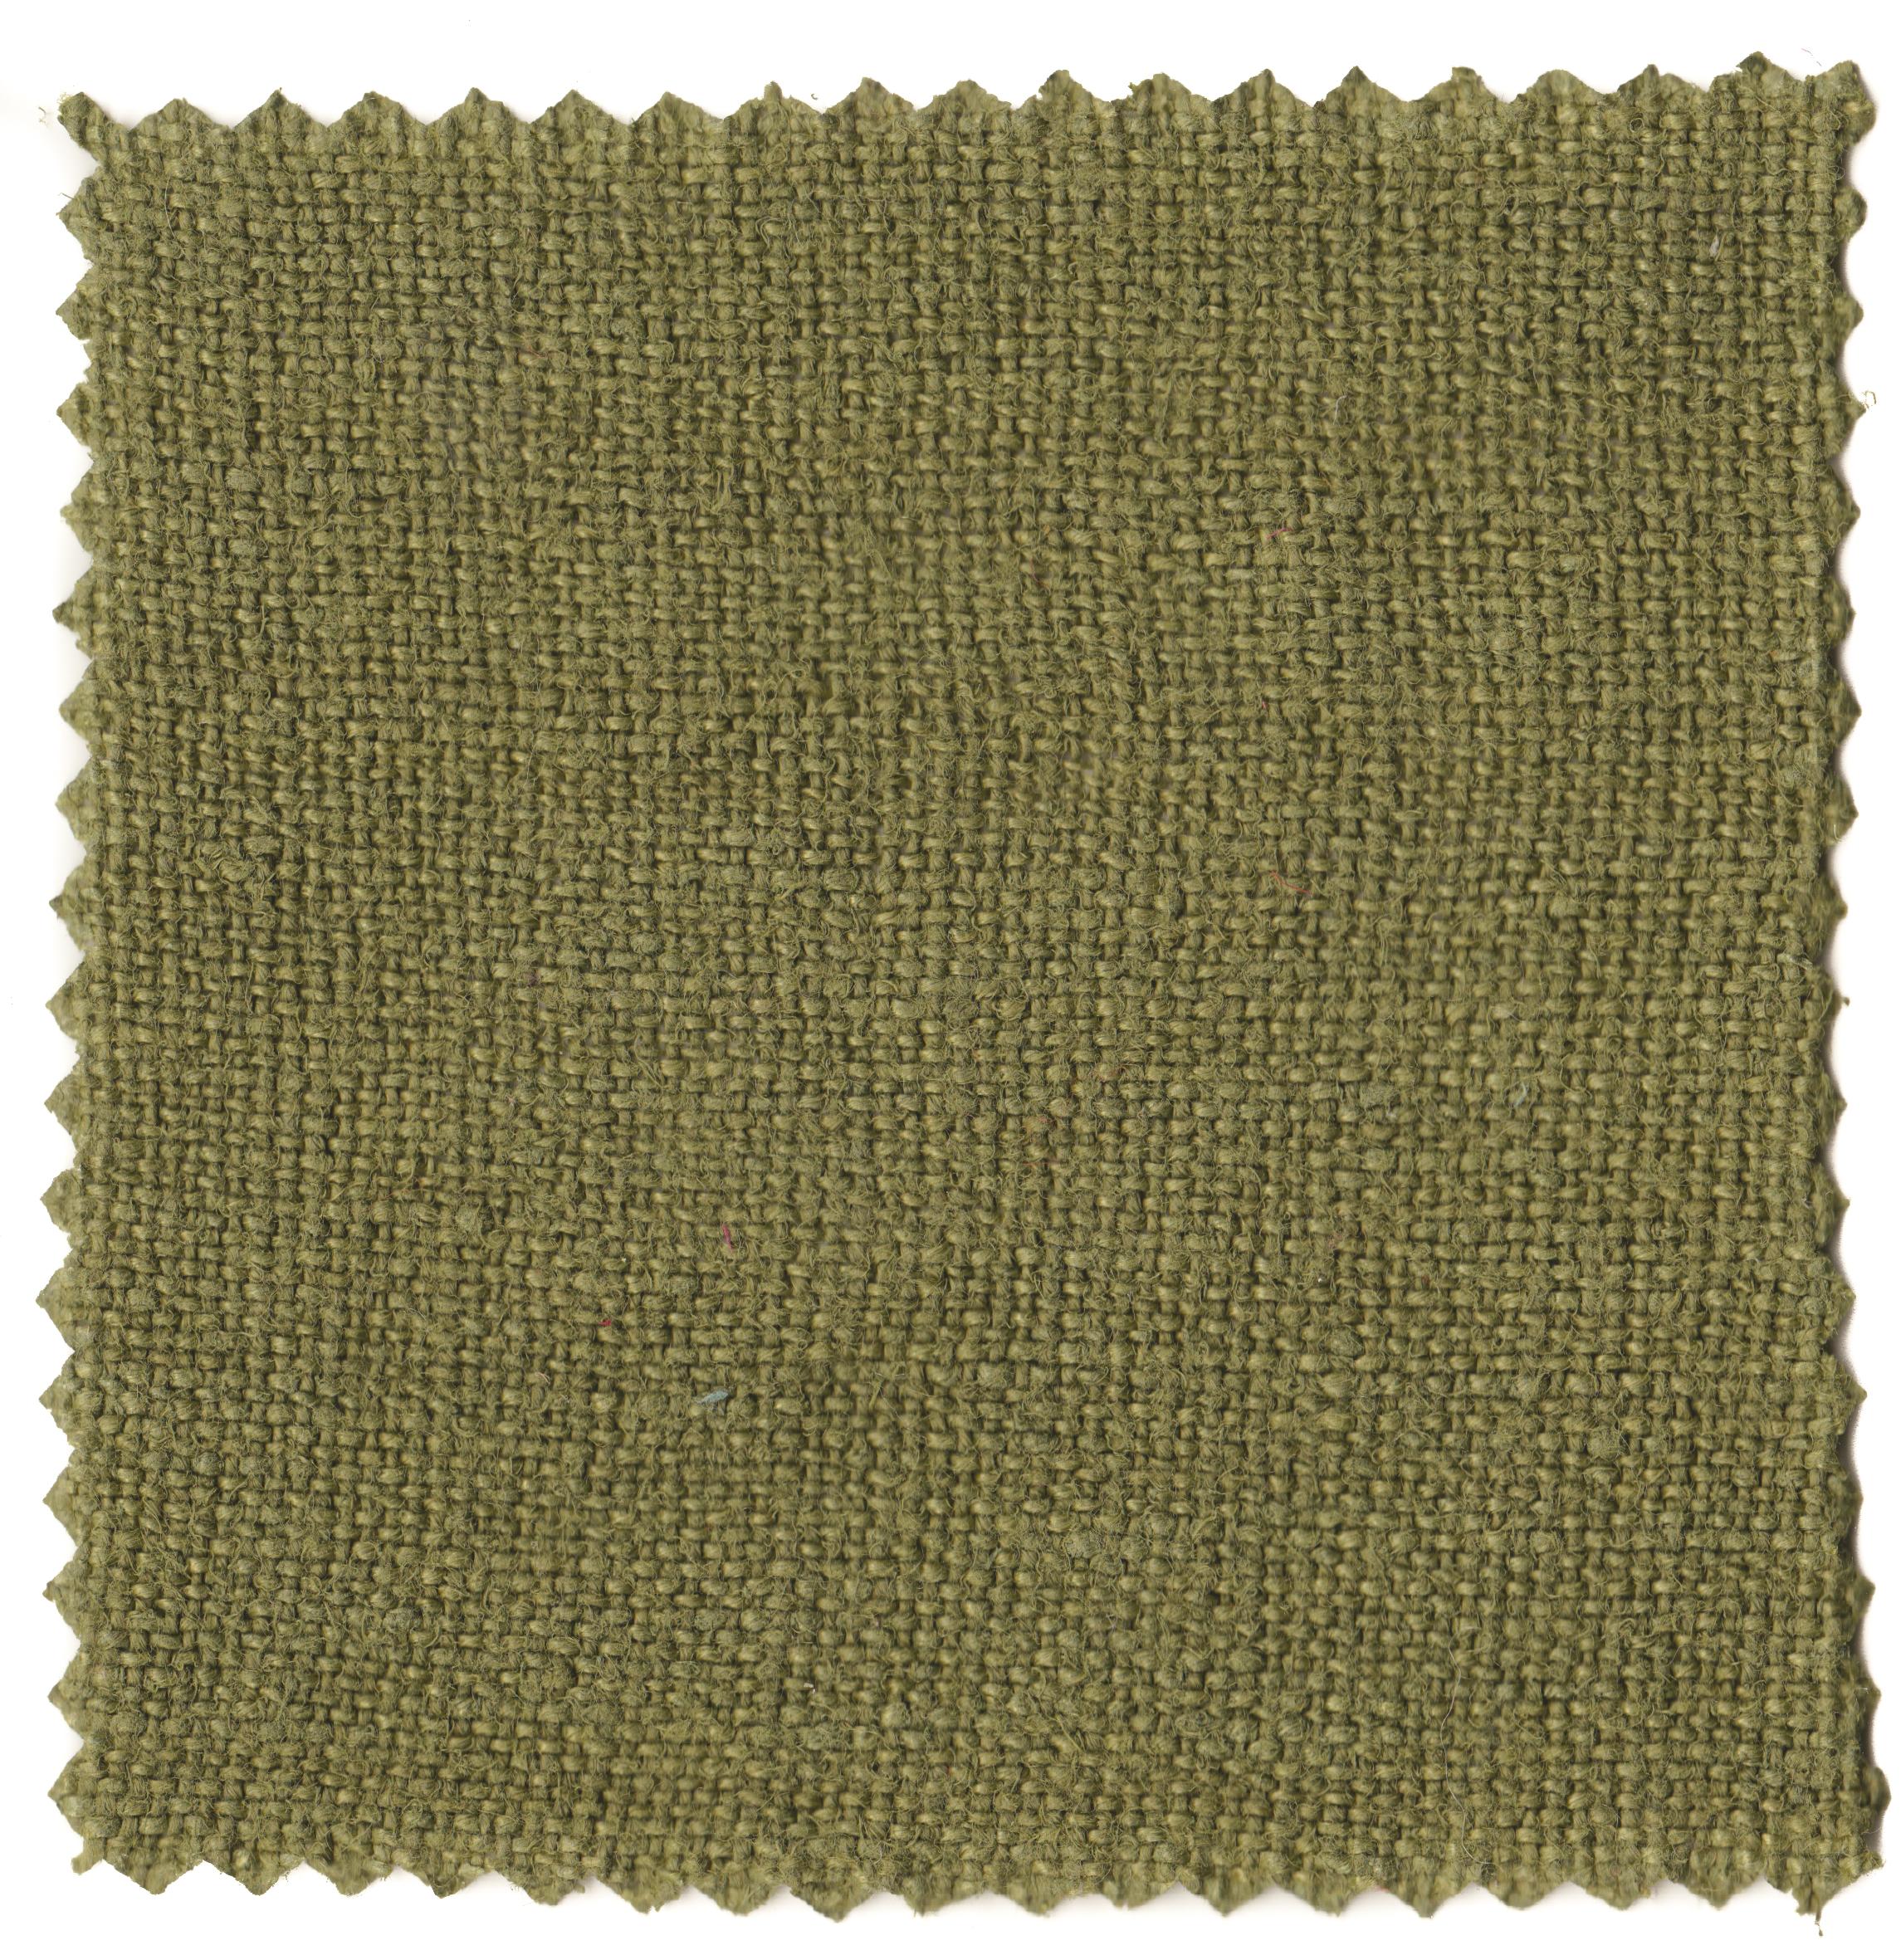 Moss Greens-4.jpg